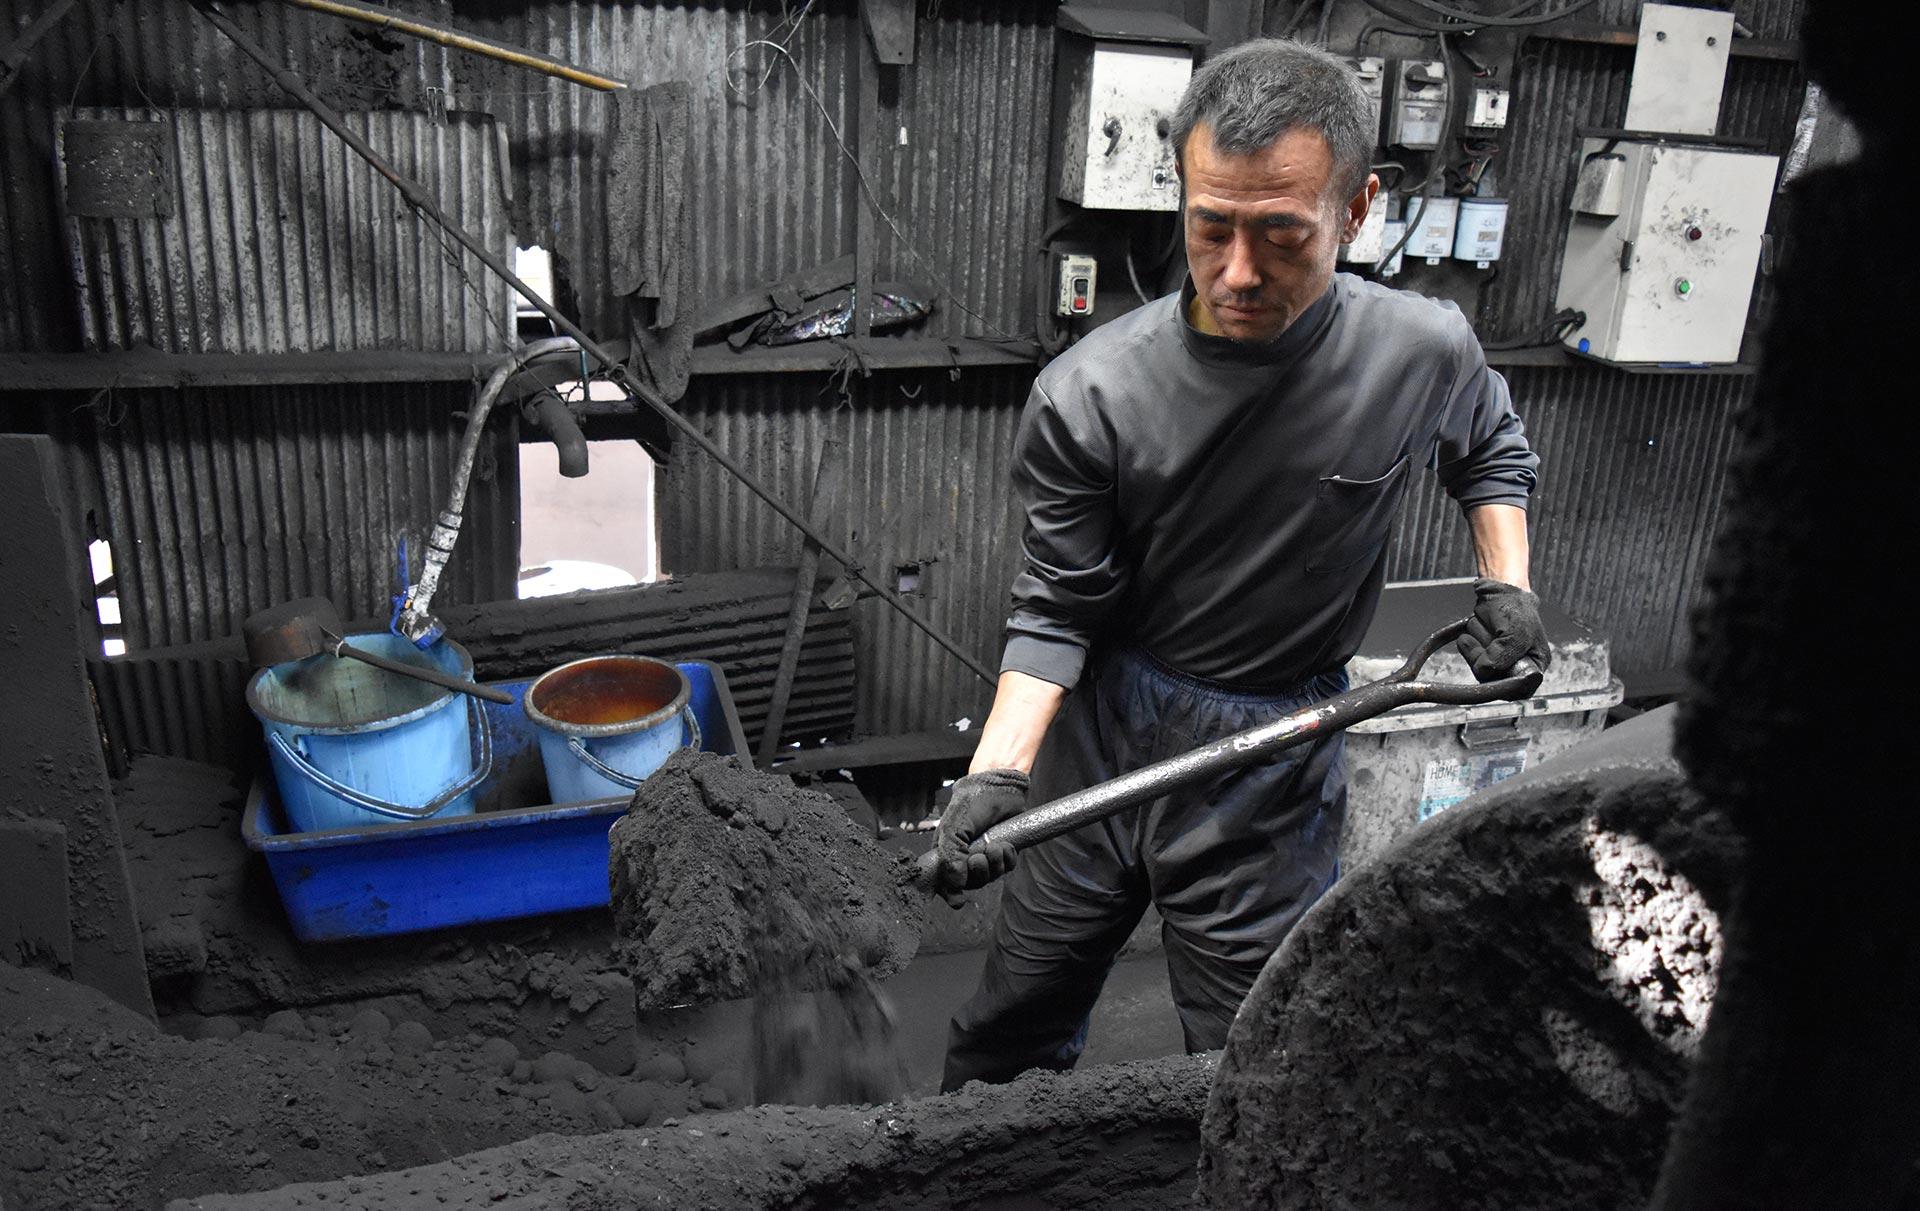 有限会社丸ヨ商店|伝統ある島根炭団【たどん】島根木炭のことなら(有)丸ヨ商店-品質にこだわる